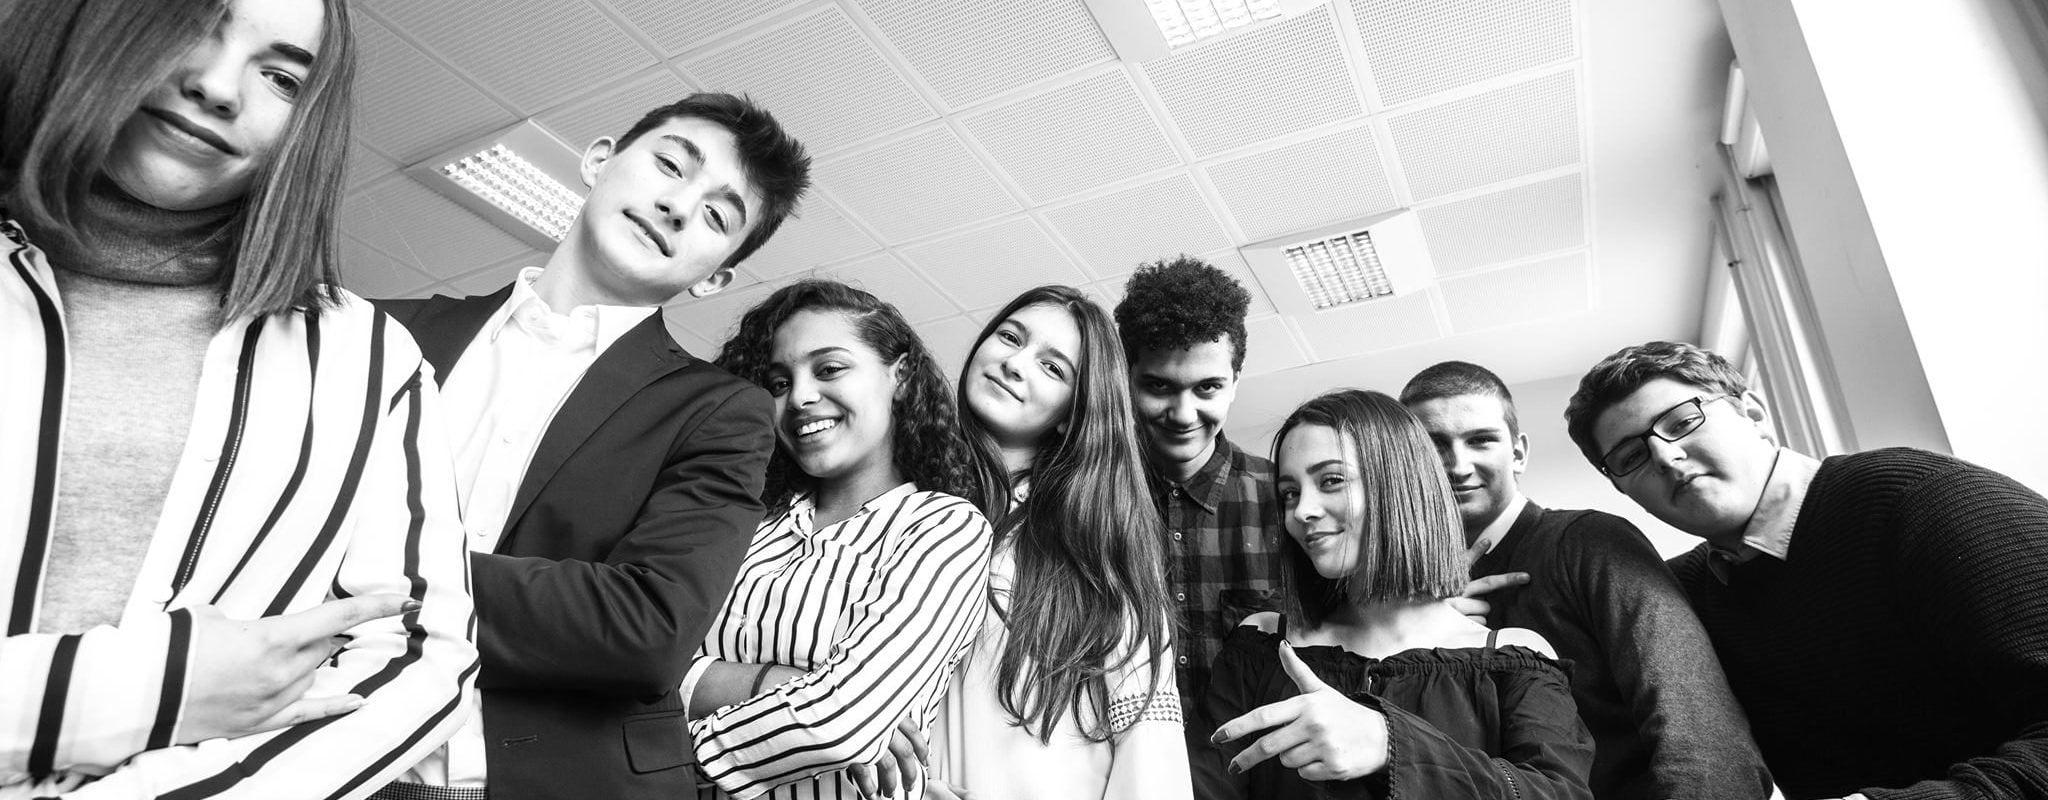 PopStraw : quand des lycéens montent une entreprise de pailles biodégradables